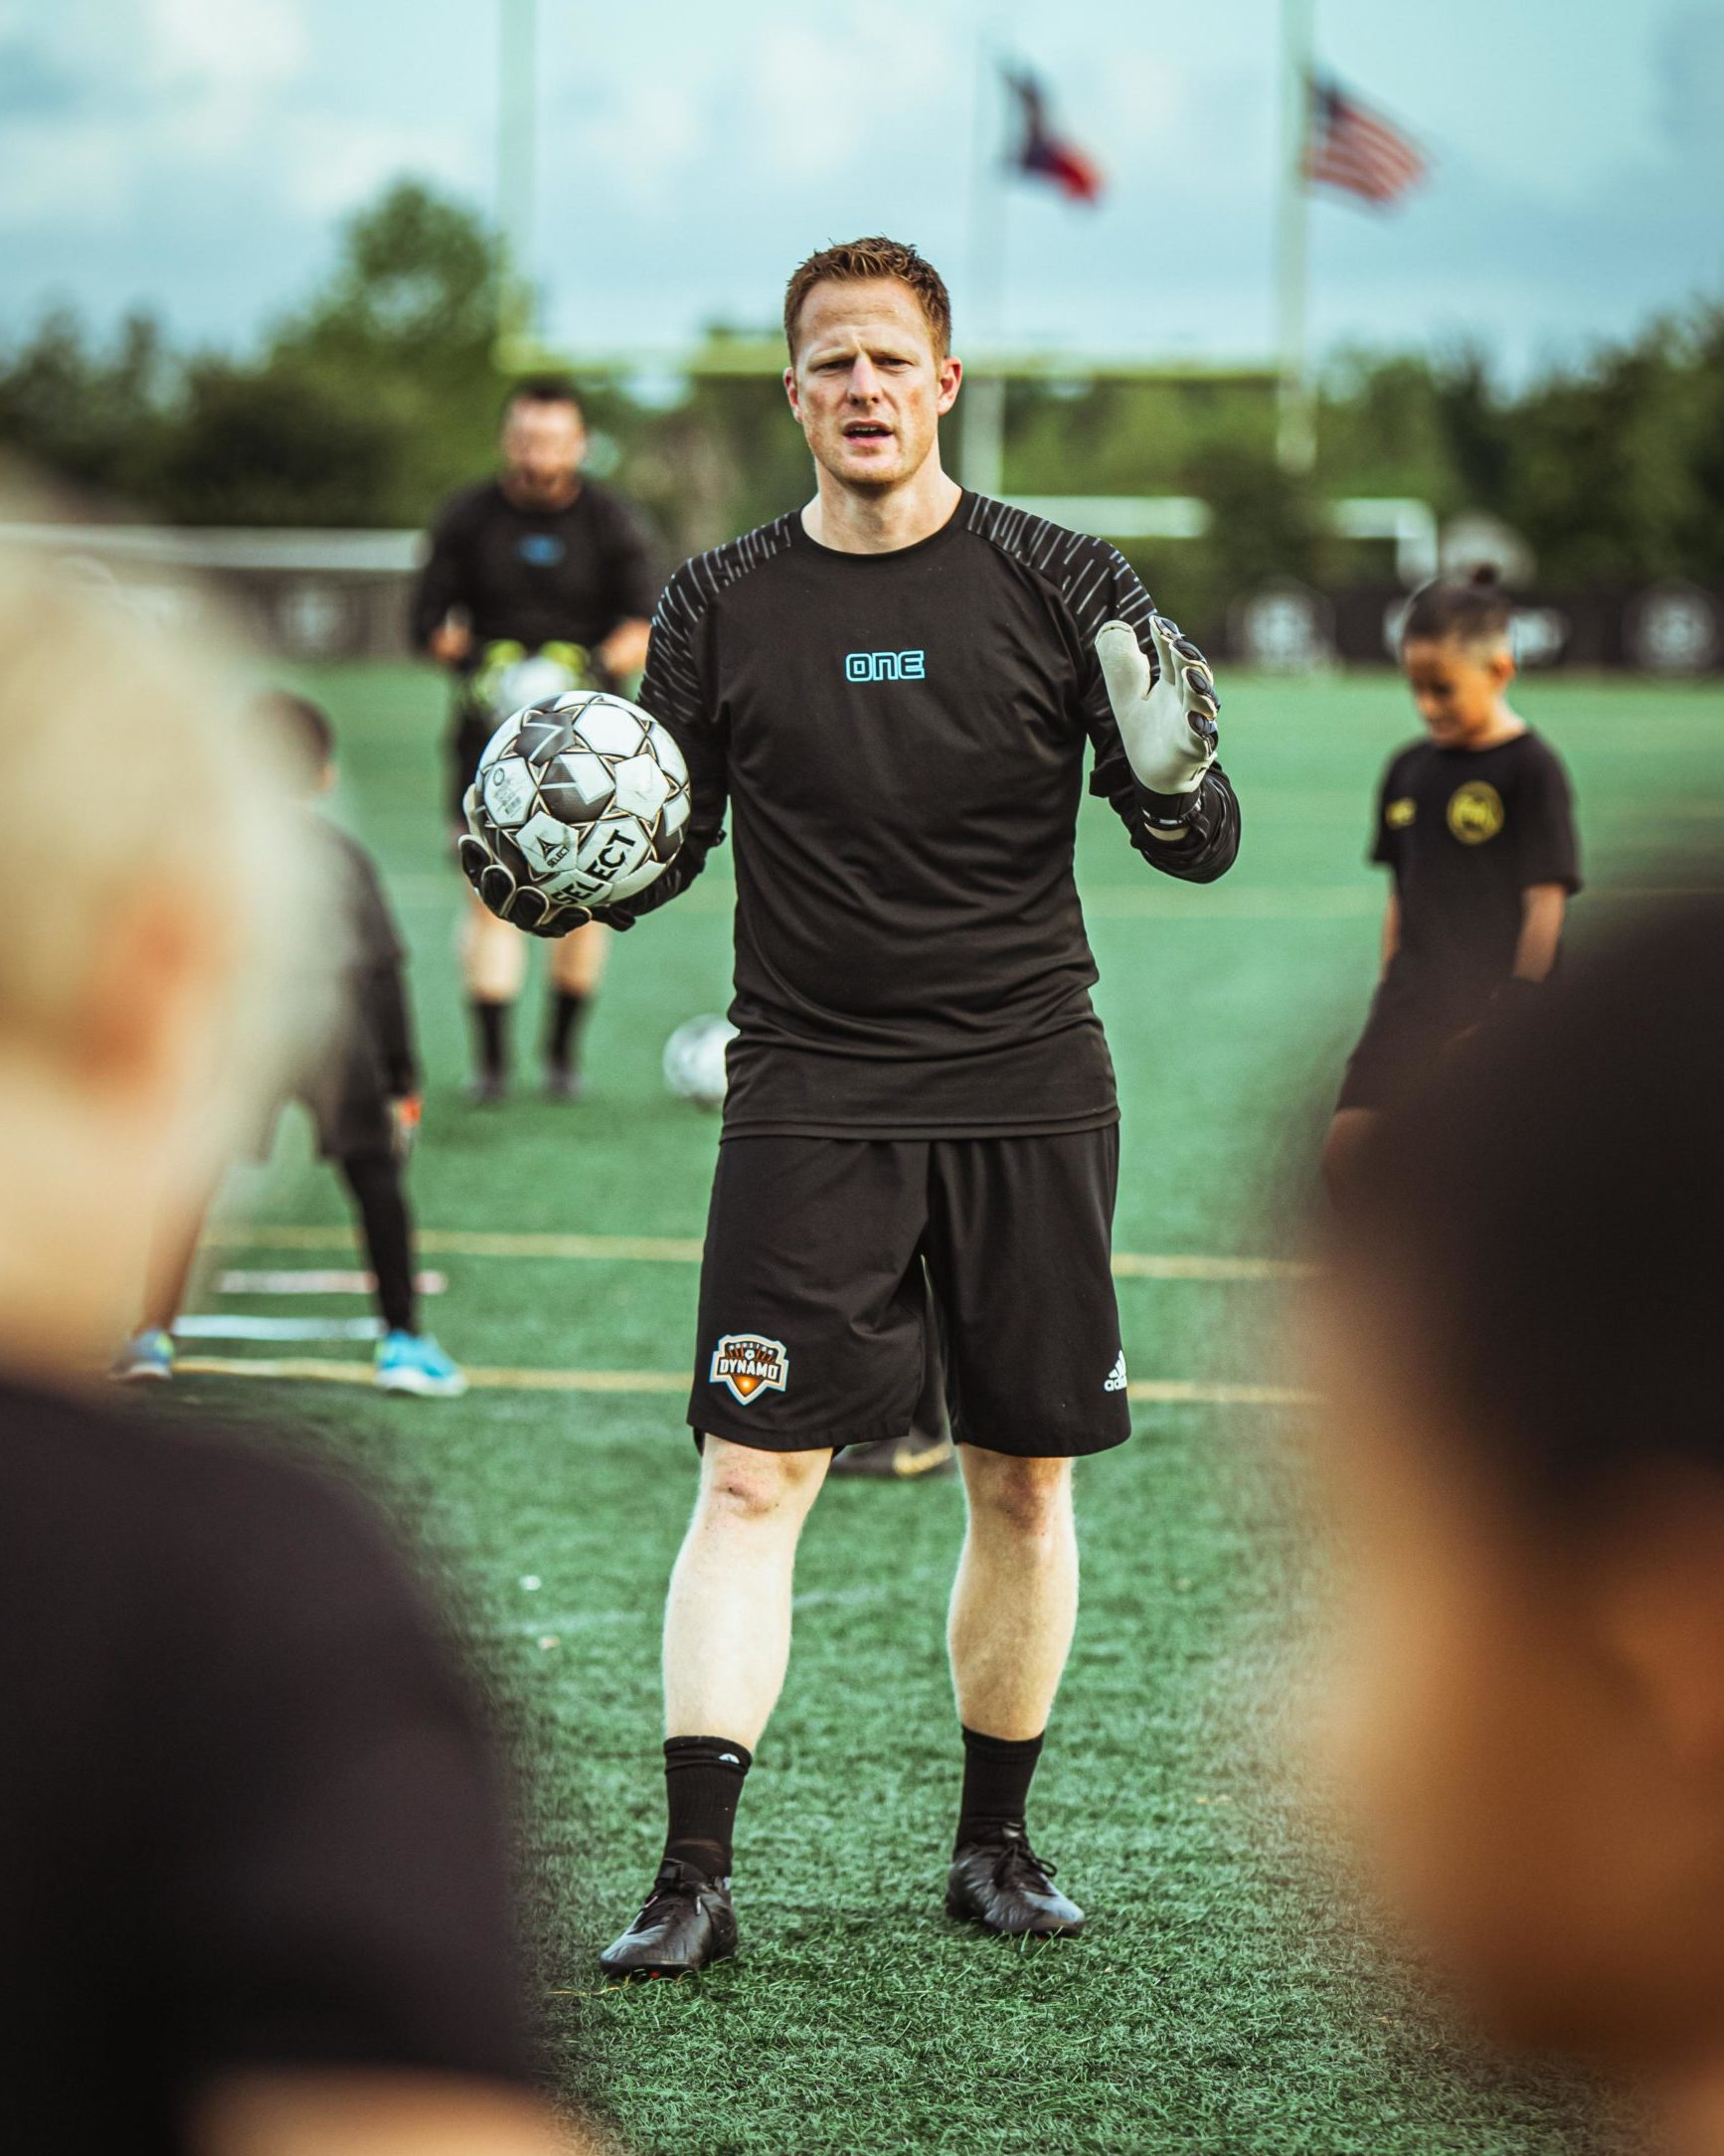 Paul Rogers - Performance Goalkeeping